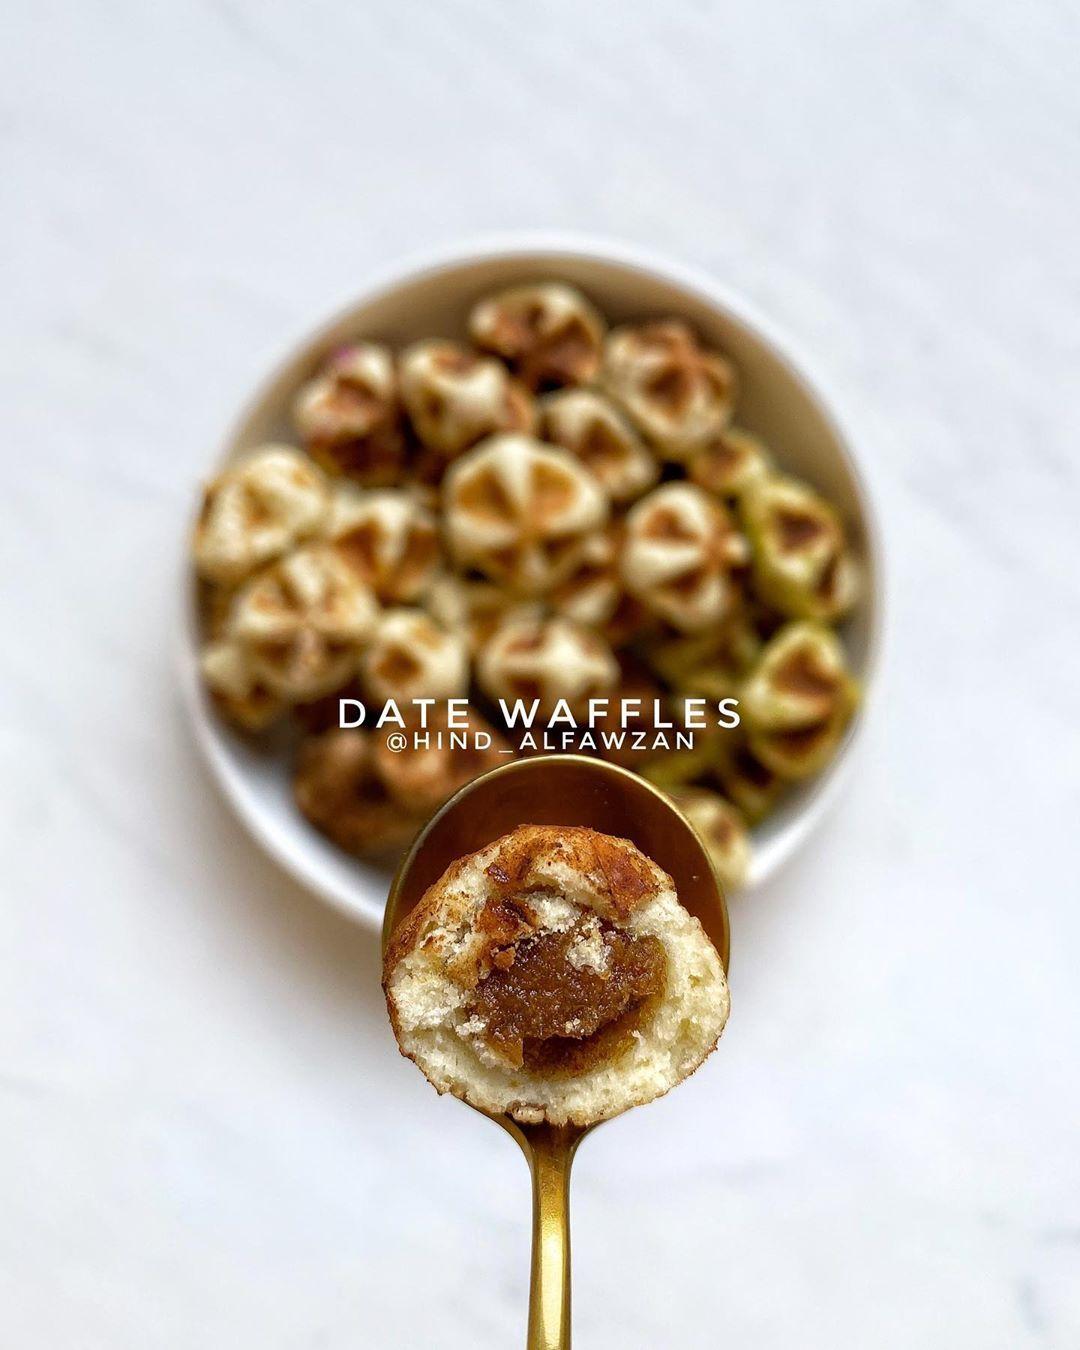 هند الفوزان On Instagram معمول الوافل قطع أنيقة من البسكويت المقرمش محشو بالتمر بسخاء وصفة لذيذة ويسيرة Hi Food Dessert Recipes Waffles